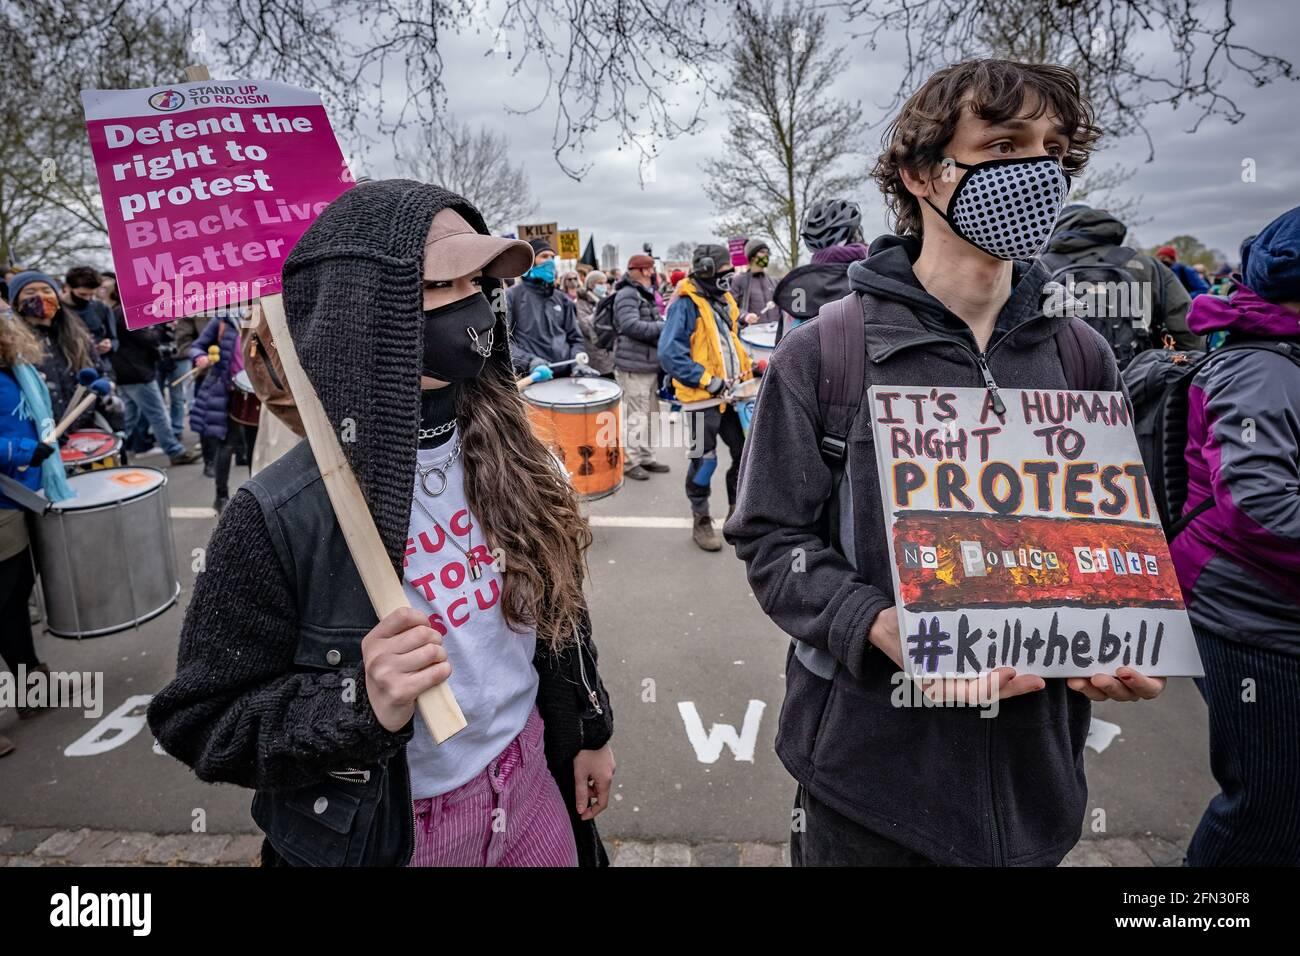 Matar la protesta de la ley. Miles de manifestantes se reúnen en Hyde Park para manifestarse en contra de una propuesta de ley de policía contra la delincuencia. Londres, Reino Unido Foto de stock